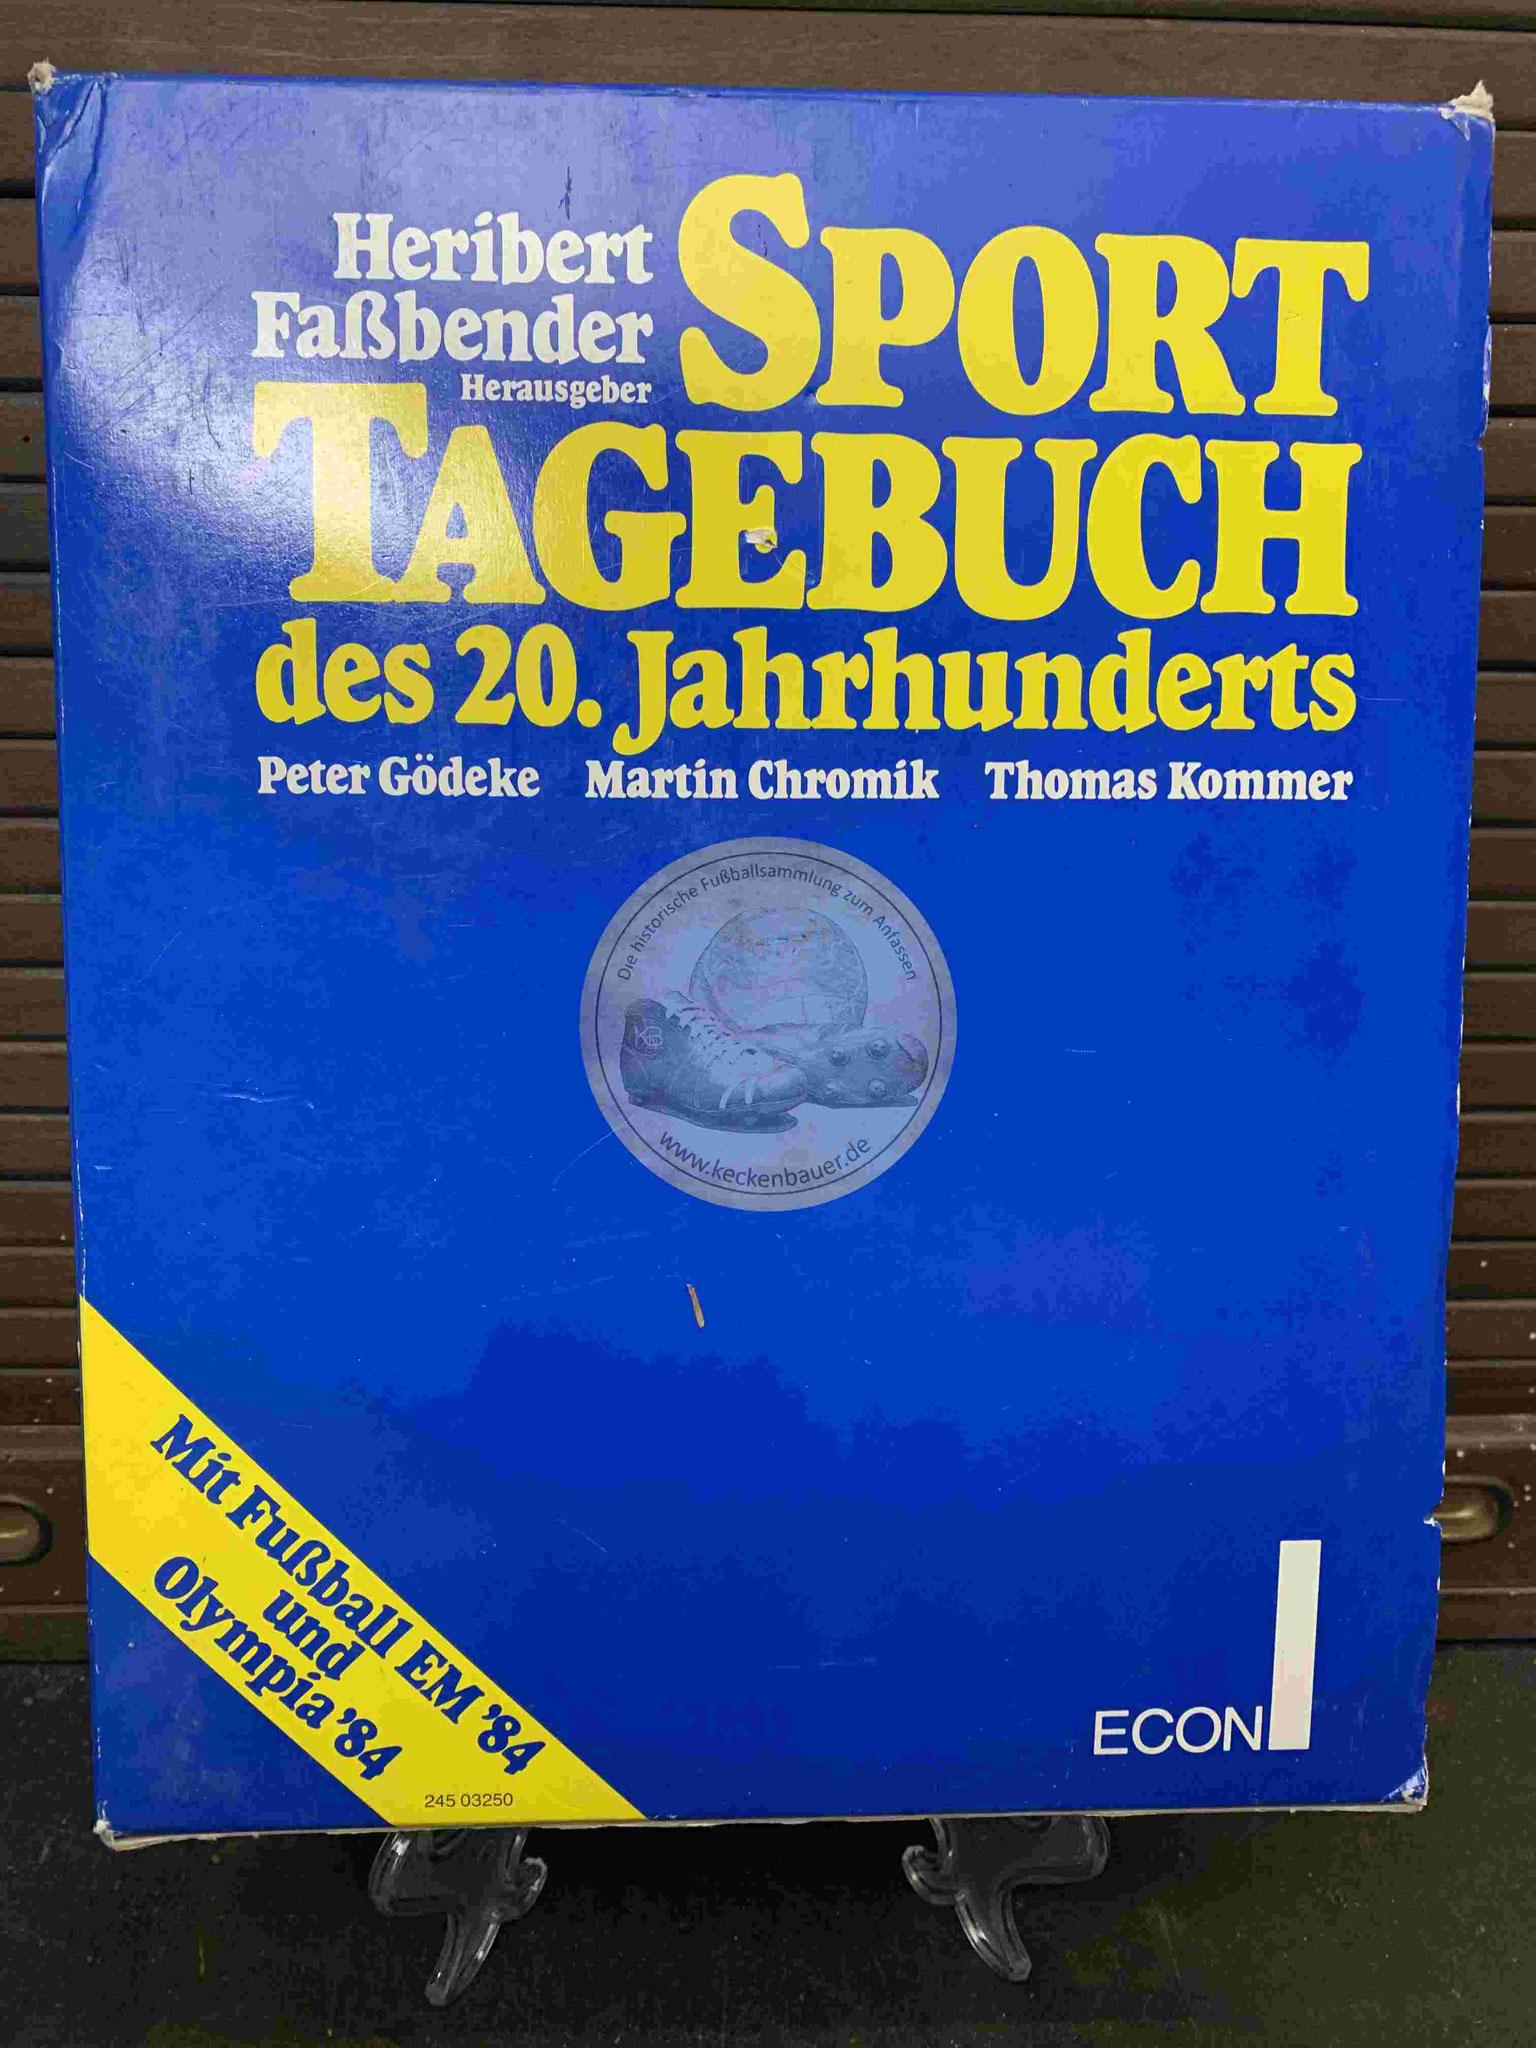 Heribert Faßbender Sport Tagebuch des 20. Jahrhunderts aus dem Jahr 1984